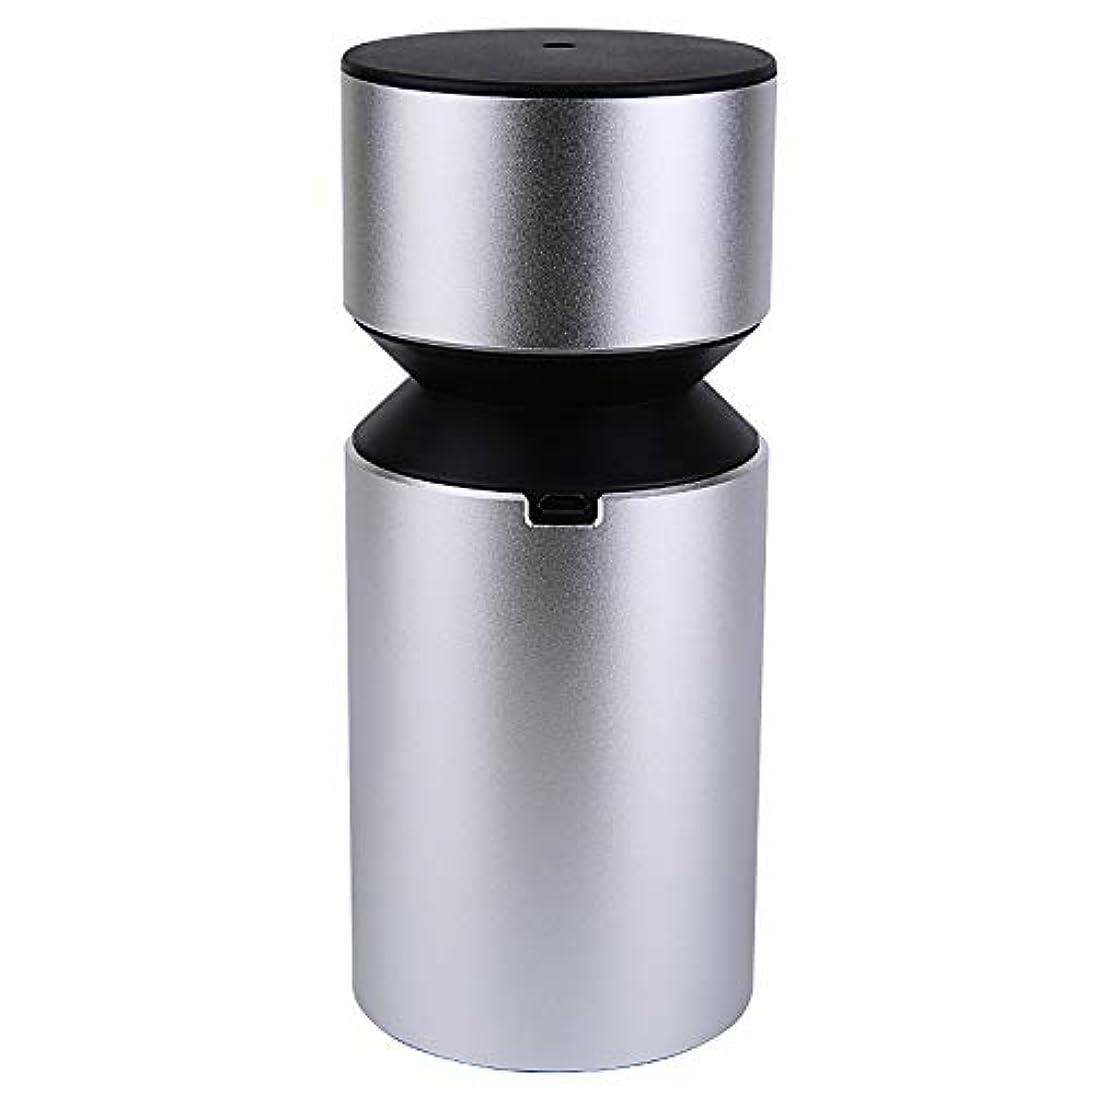 現実には宝思い出させるアロマディフューザー 車載用 ネブライザー式 充電式 静音 精油瓶1個スポイト付きT11-ENS068N (シルバー)